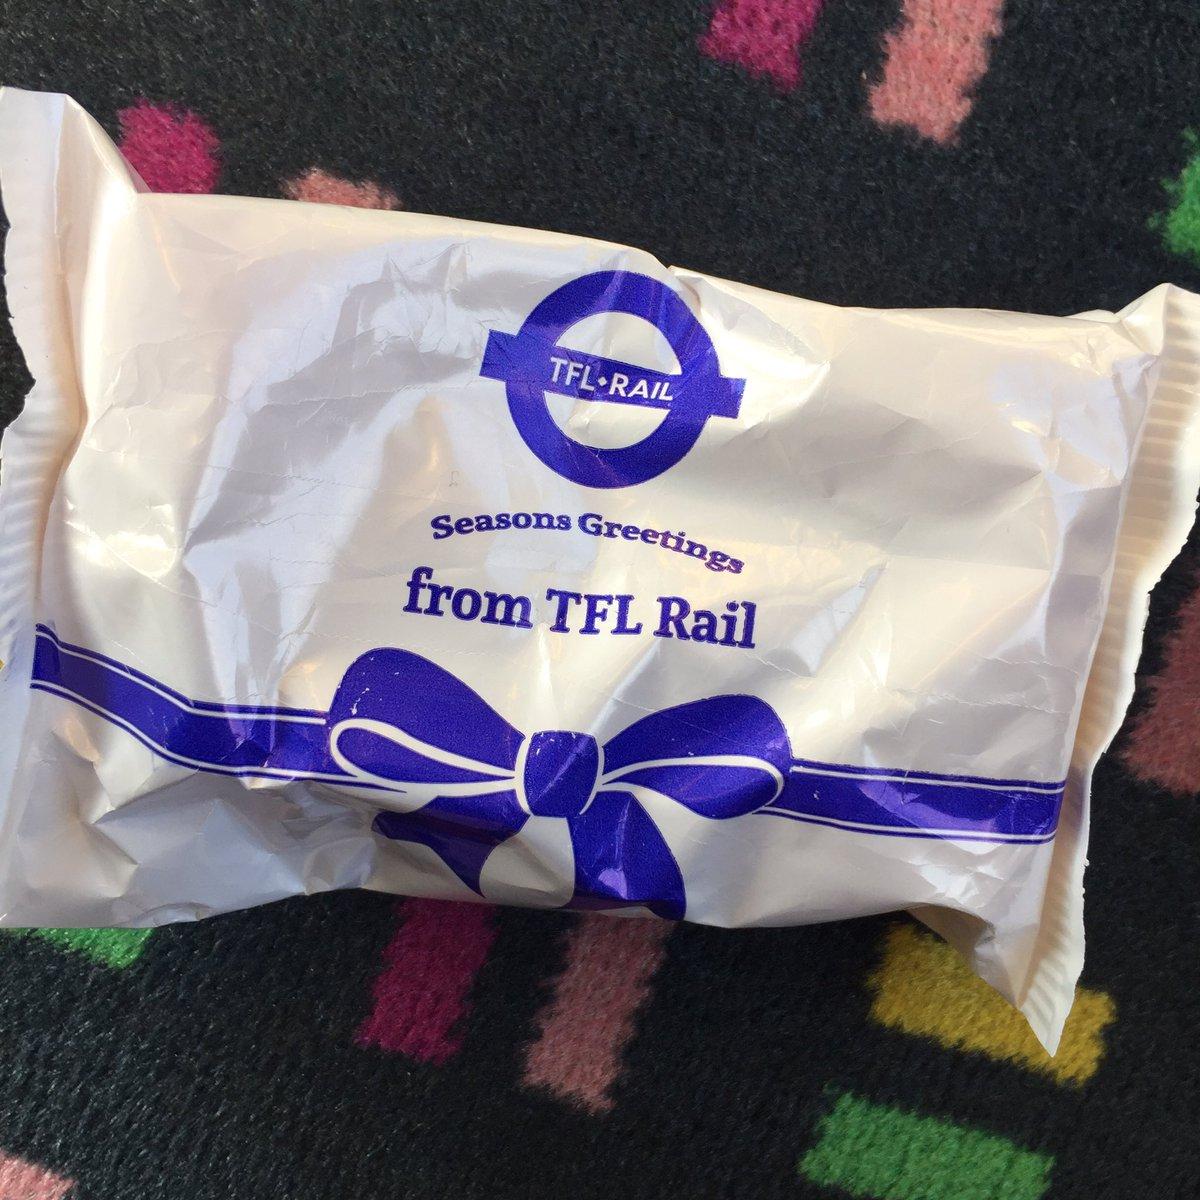 EMEEP8pXYAAFxDA - Bearing the gifts of TfL Rail...